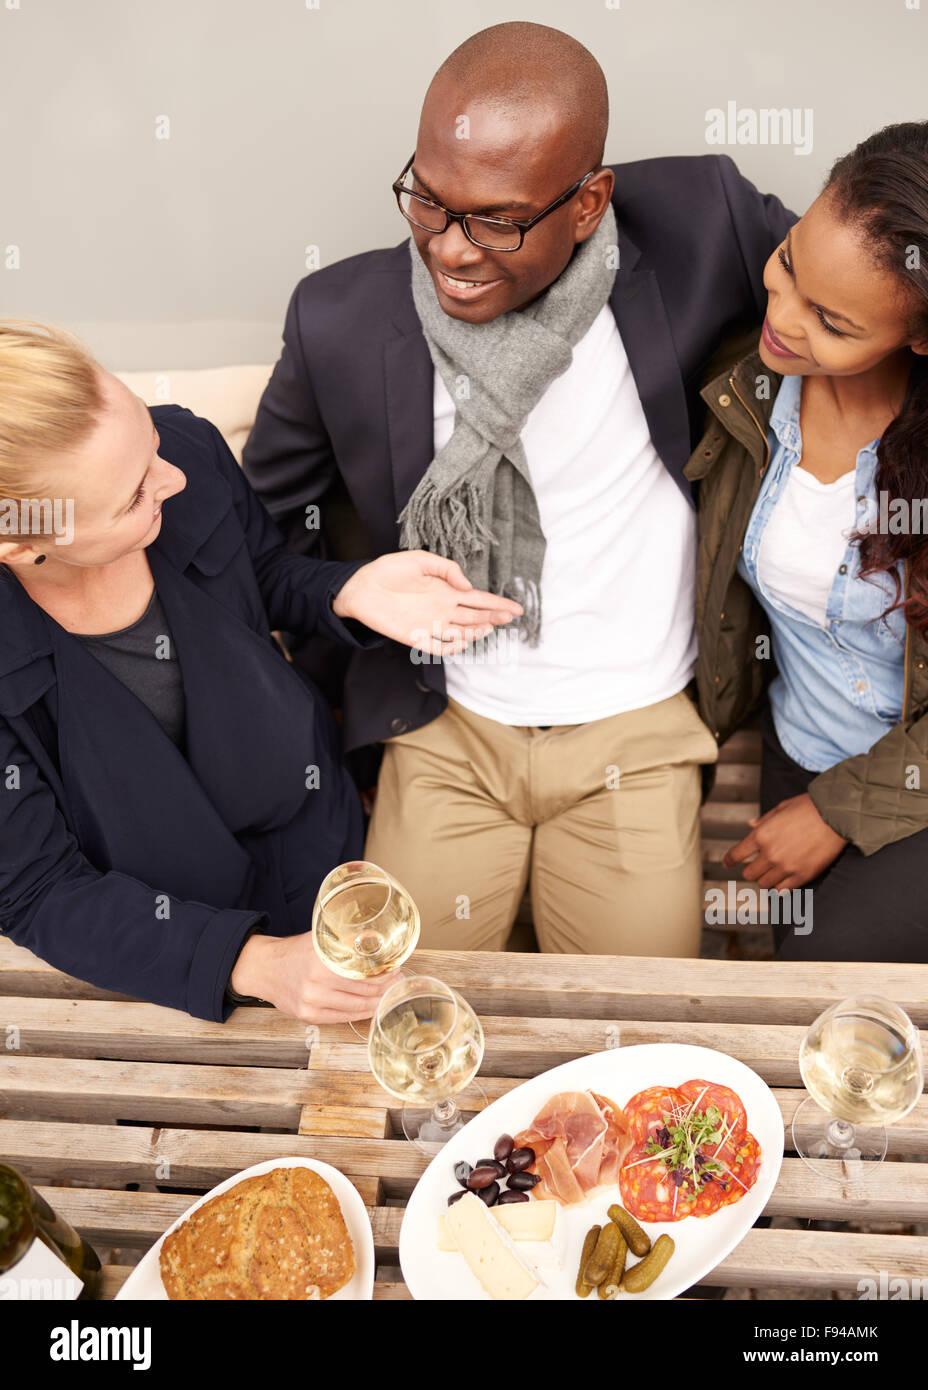 Groupe d'amis en train de dîner à l'extérieur, multi ethnie Photo Stock